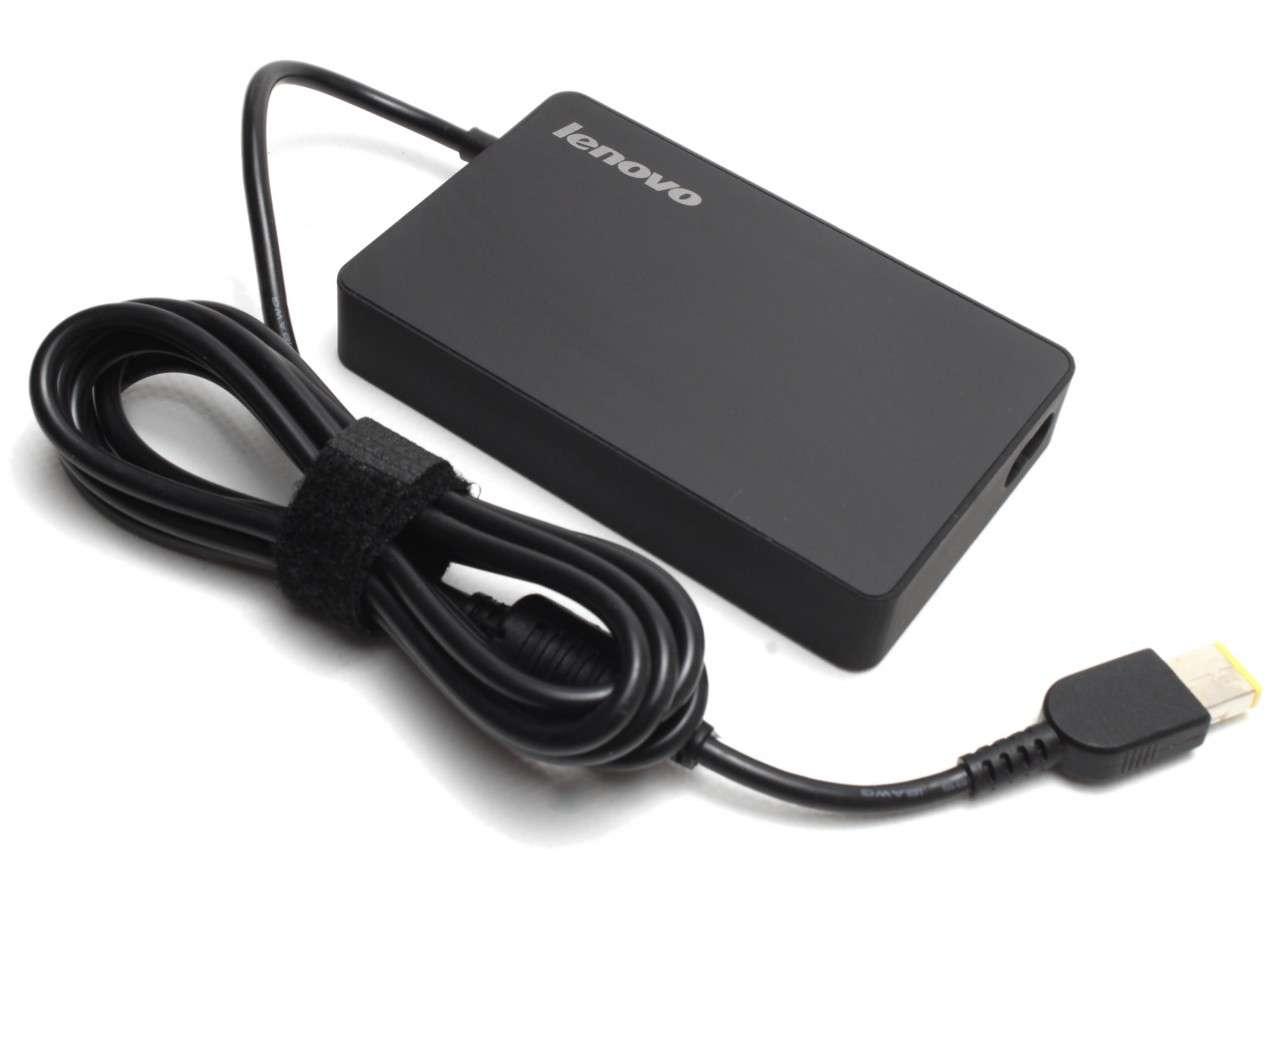 Incarcator Lenovo IdeaPad U530 80AS 65W imagine